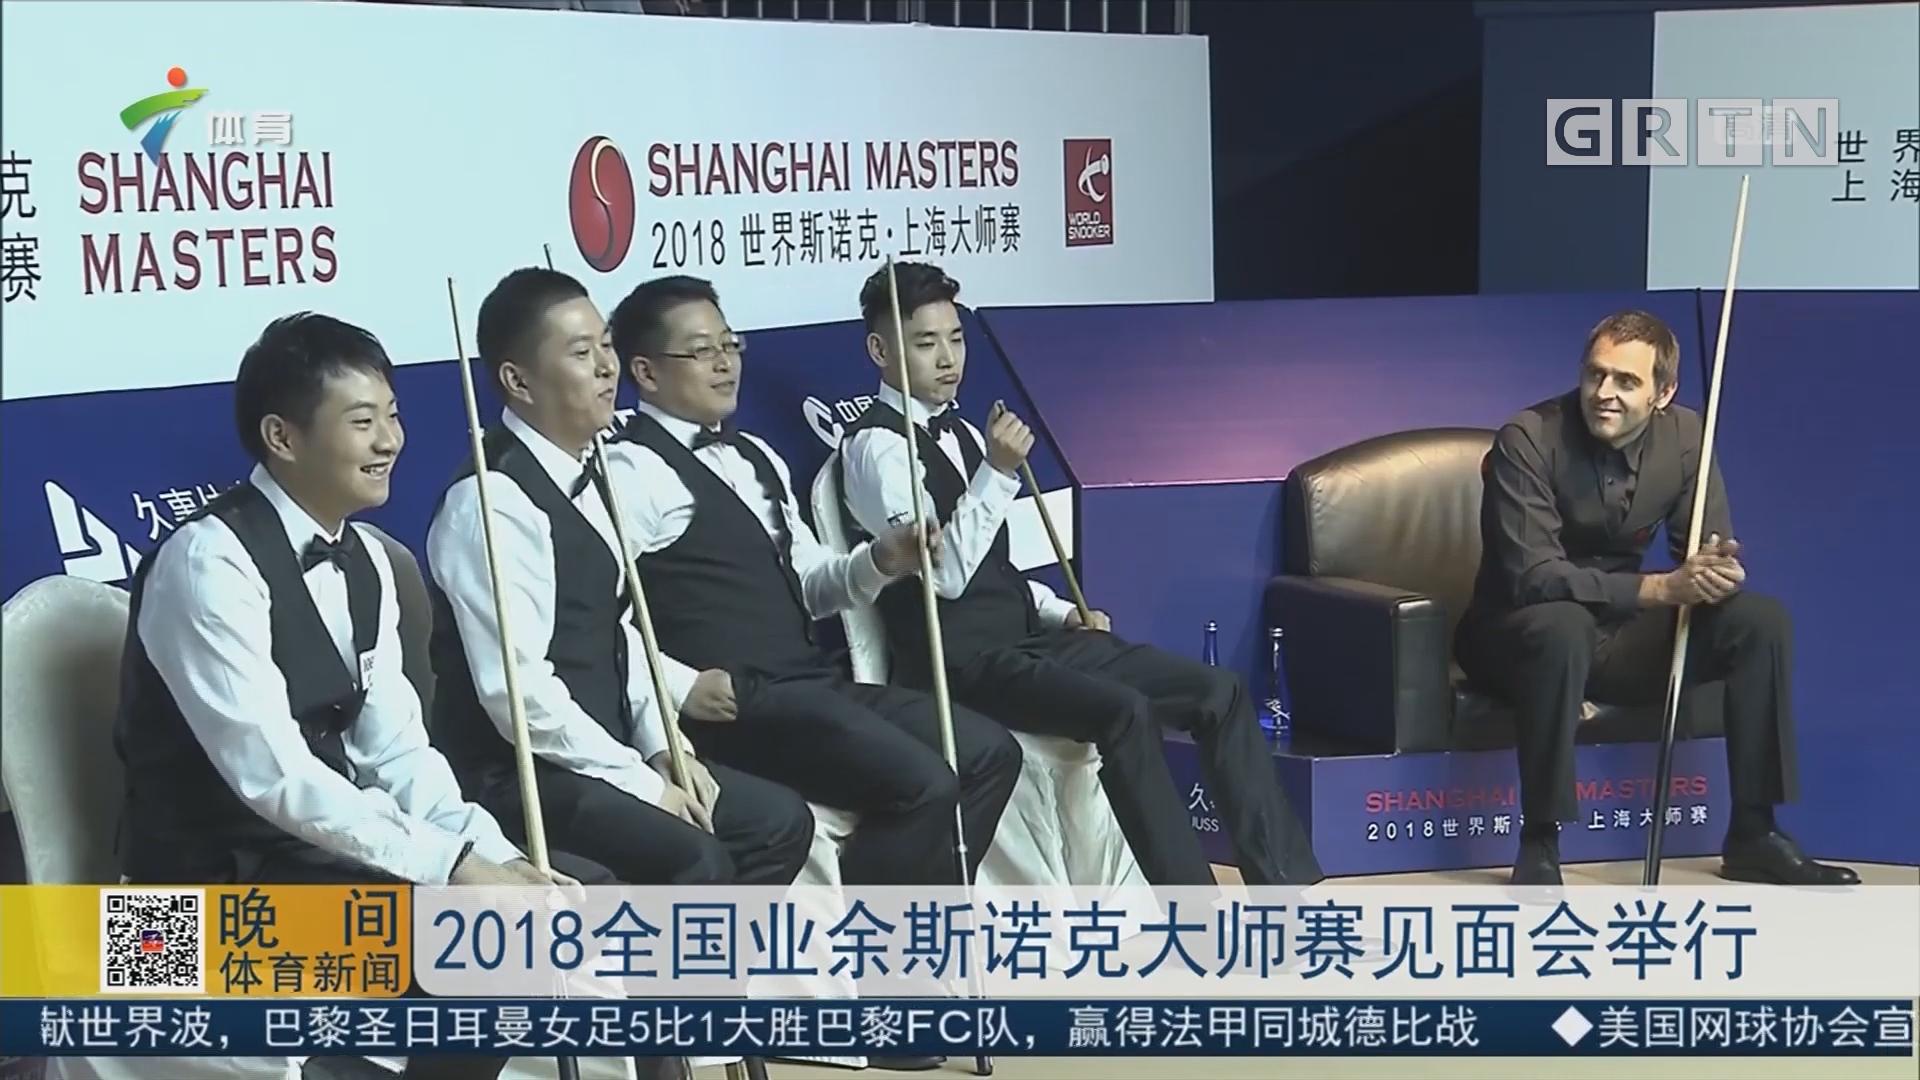 2018全国业余斯诺克大师赛见面会举行